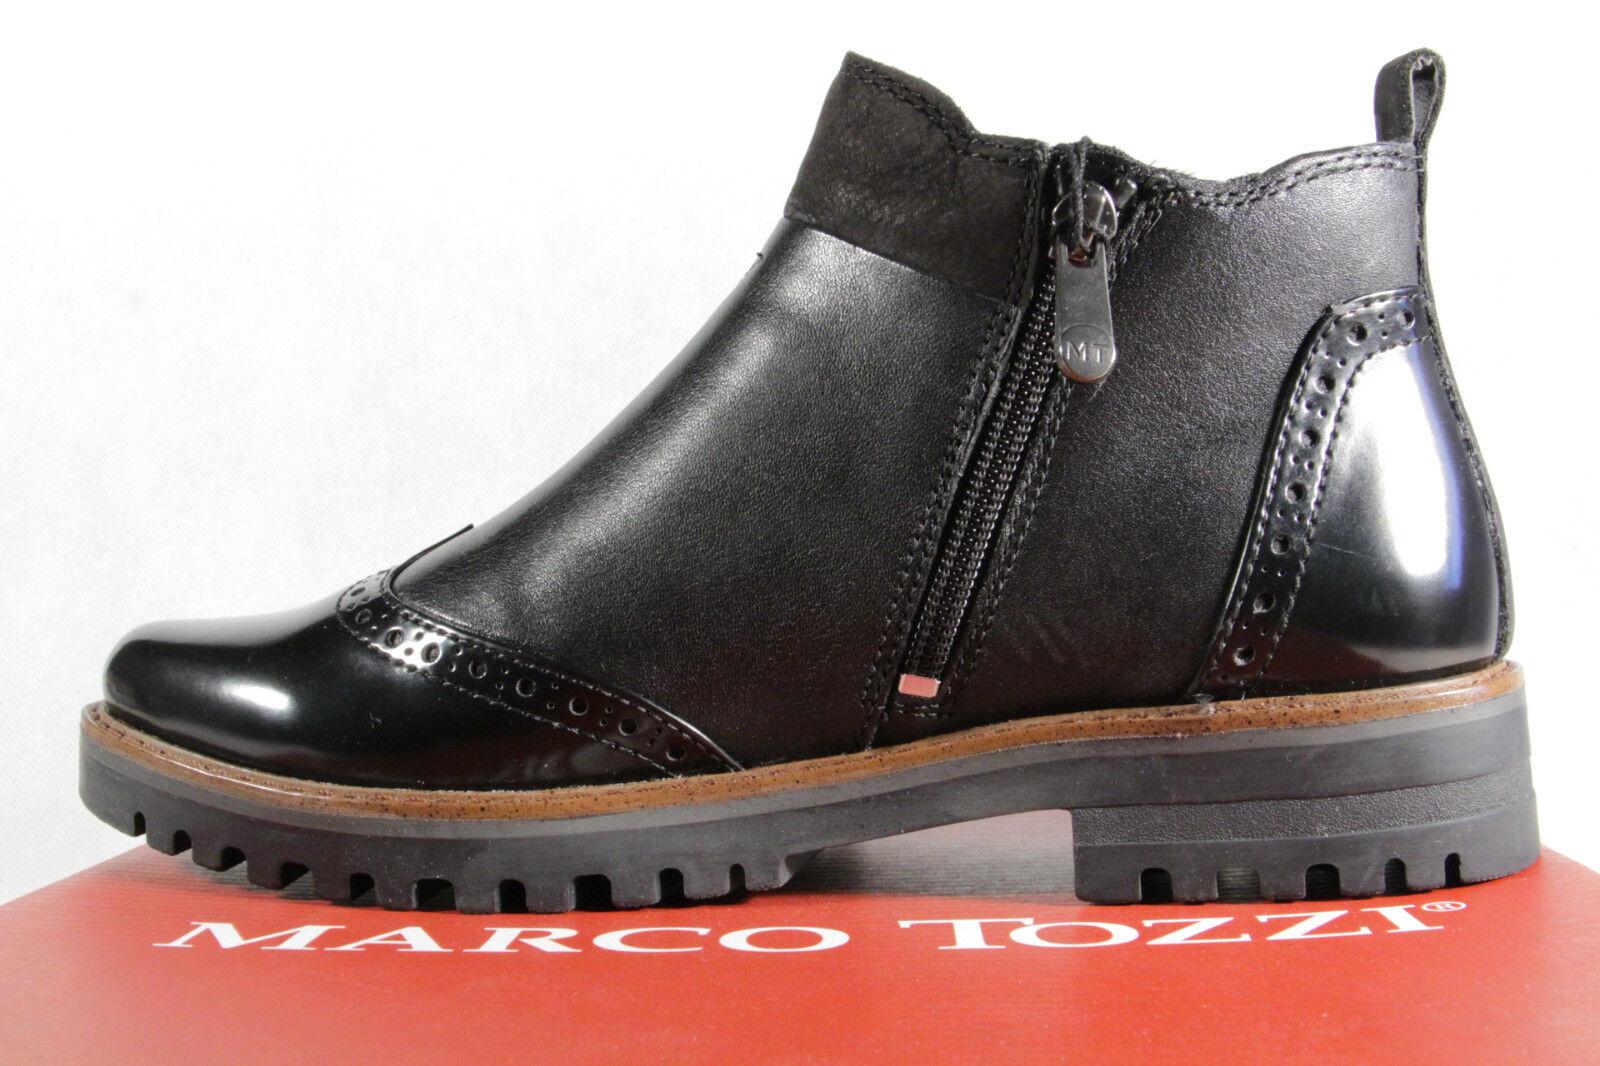 Marco Tozzi Stiefel, Stiefelette, Stiefel, Stiefel, Tozzi Schlupfstiefel, schwarz, 25453NEU f6b6ba